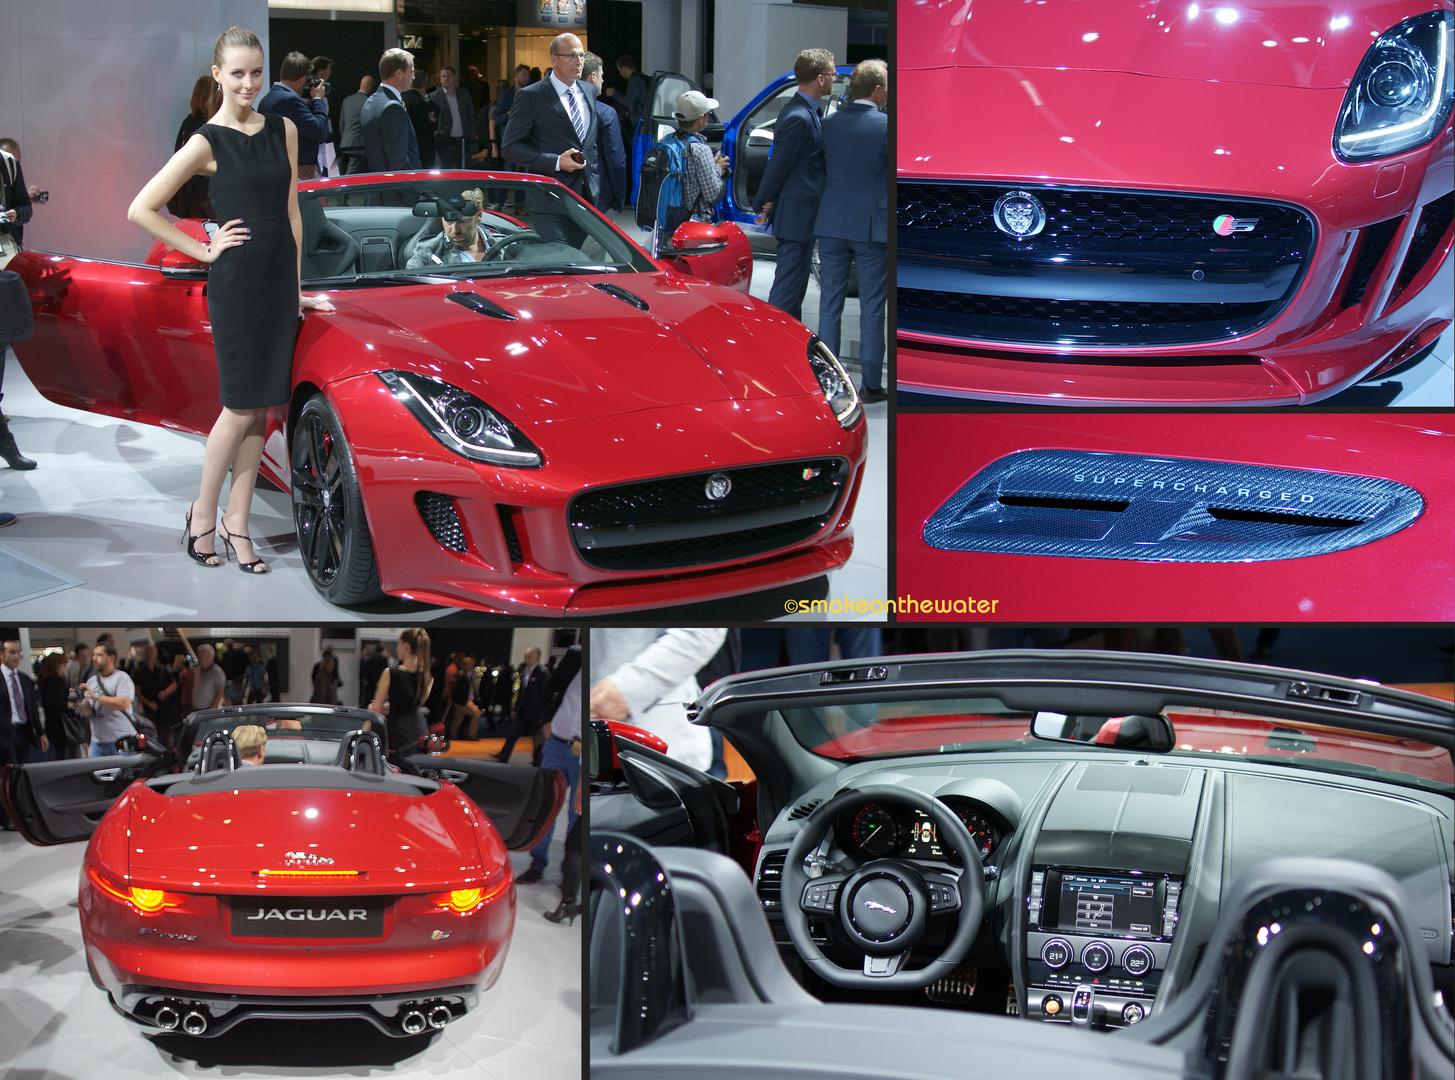 Jaguar F-Type 3.0 V6 S Roadster